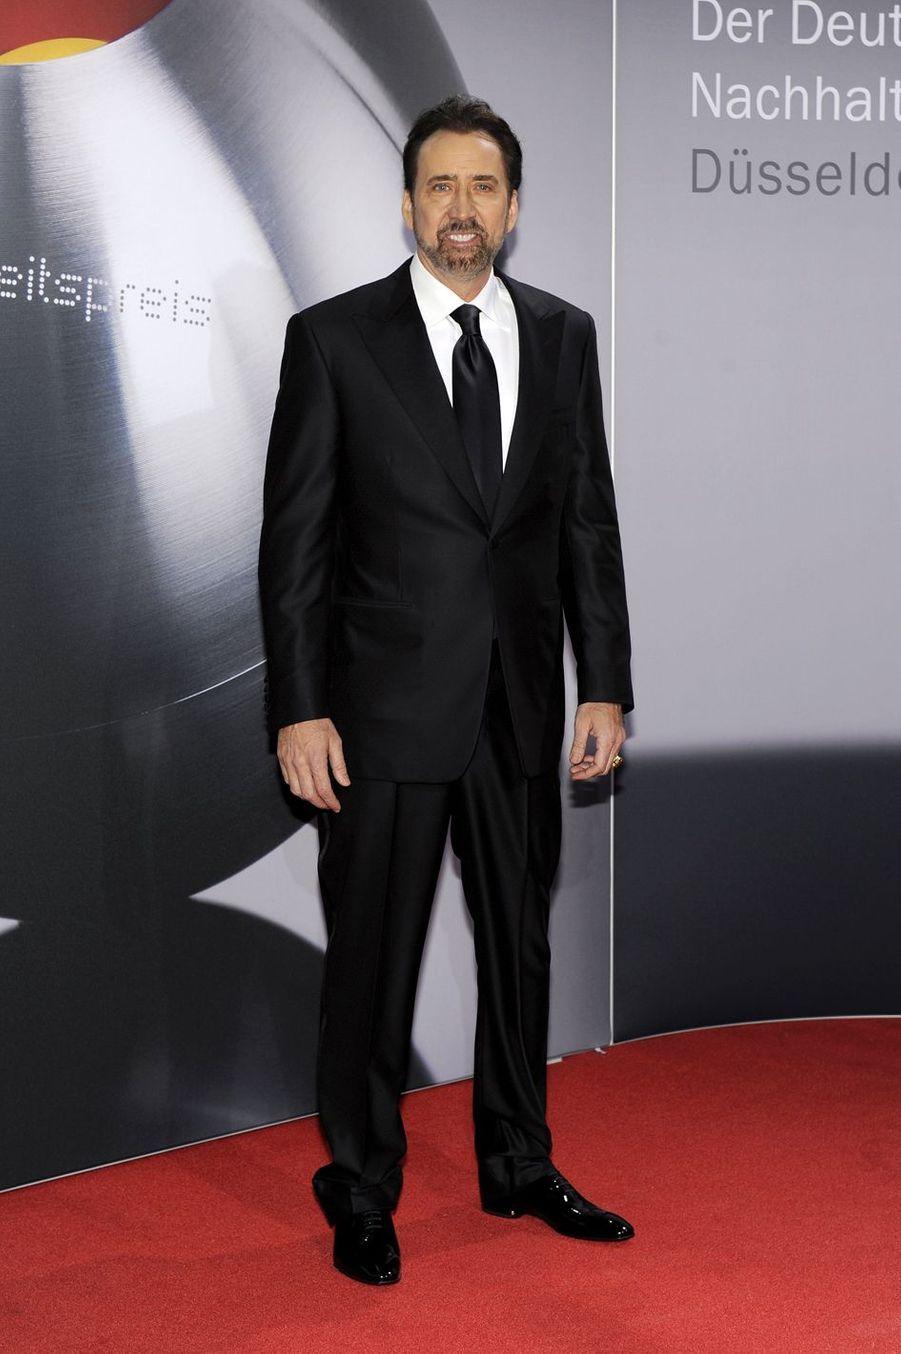 Nicolas Cage a changé son nom d'origineNicolas Kim Coppola. Il est le neveu du réalisateurFrancis Ford Coppola.